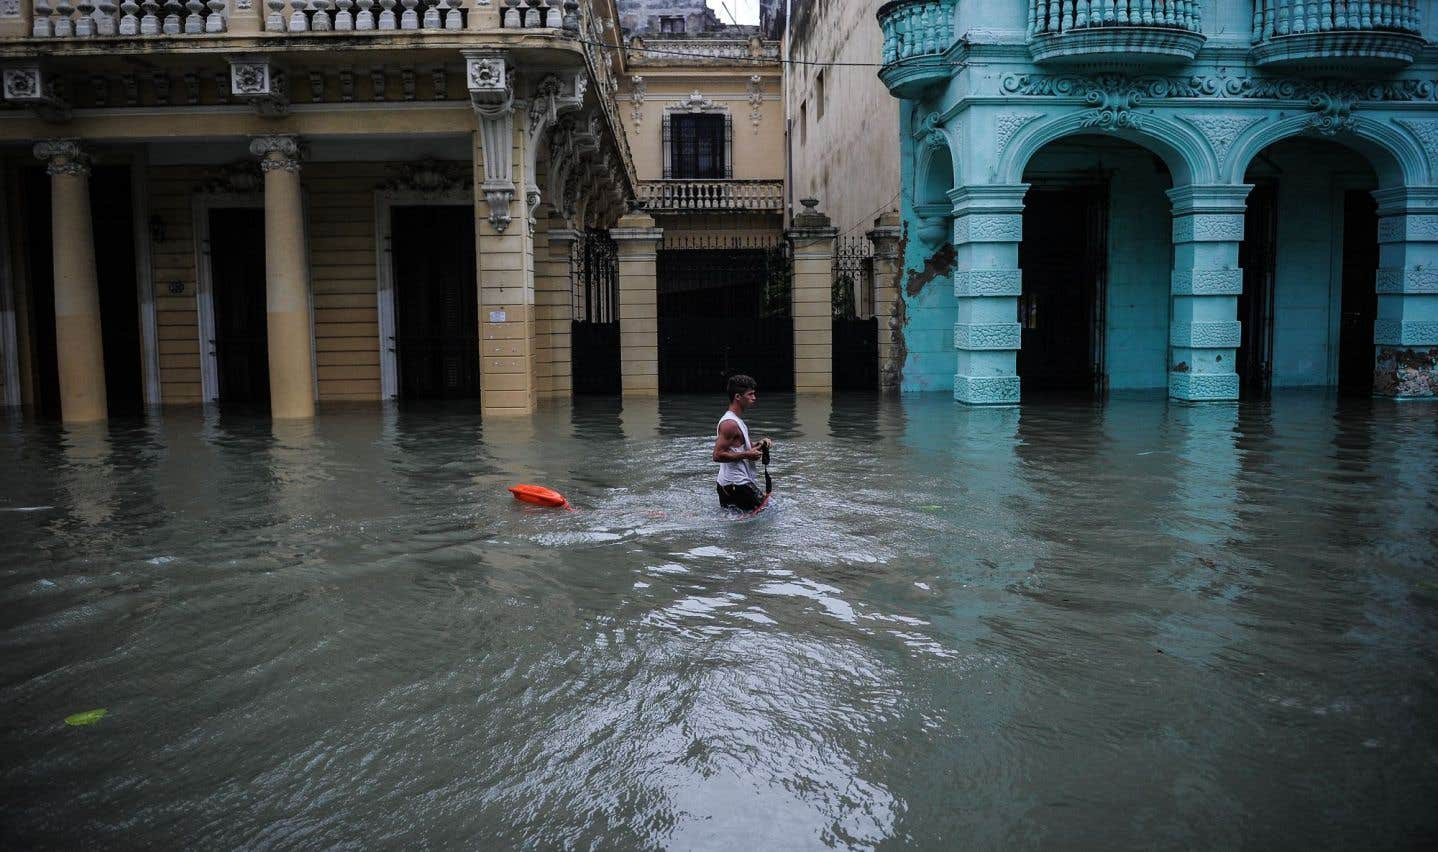 À Cuba, l'ouragan «Irma» est arrivé dans la nuit de vendredi à samedi en catégorie 5 (la plus élevée) avant d'être rétrogradé en catégorie 4 puis 3.